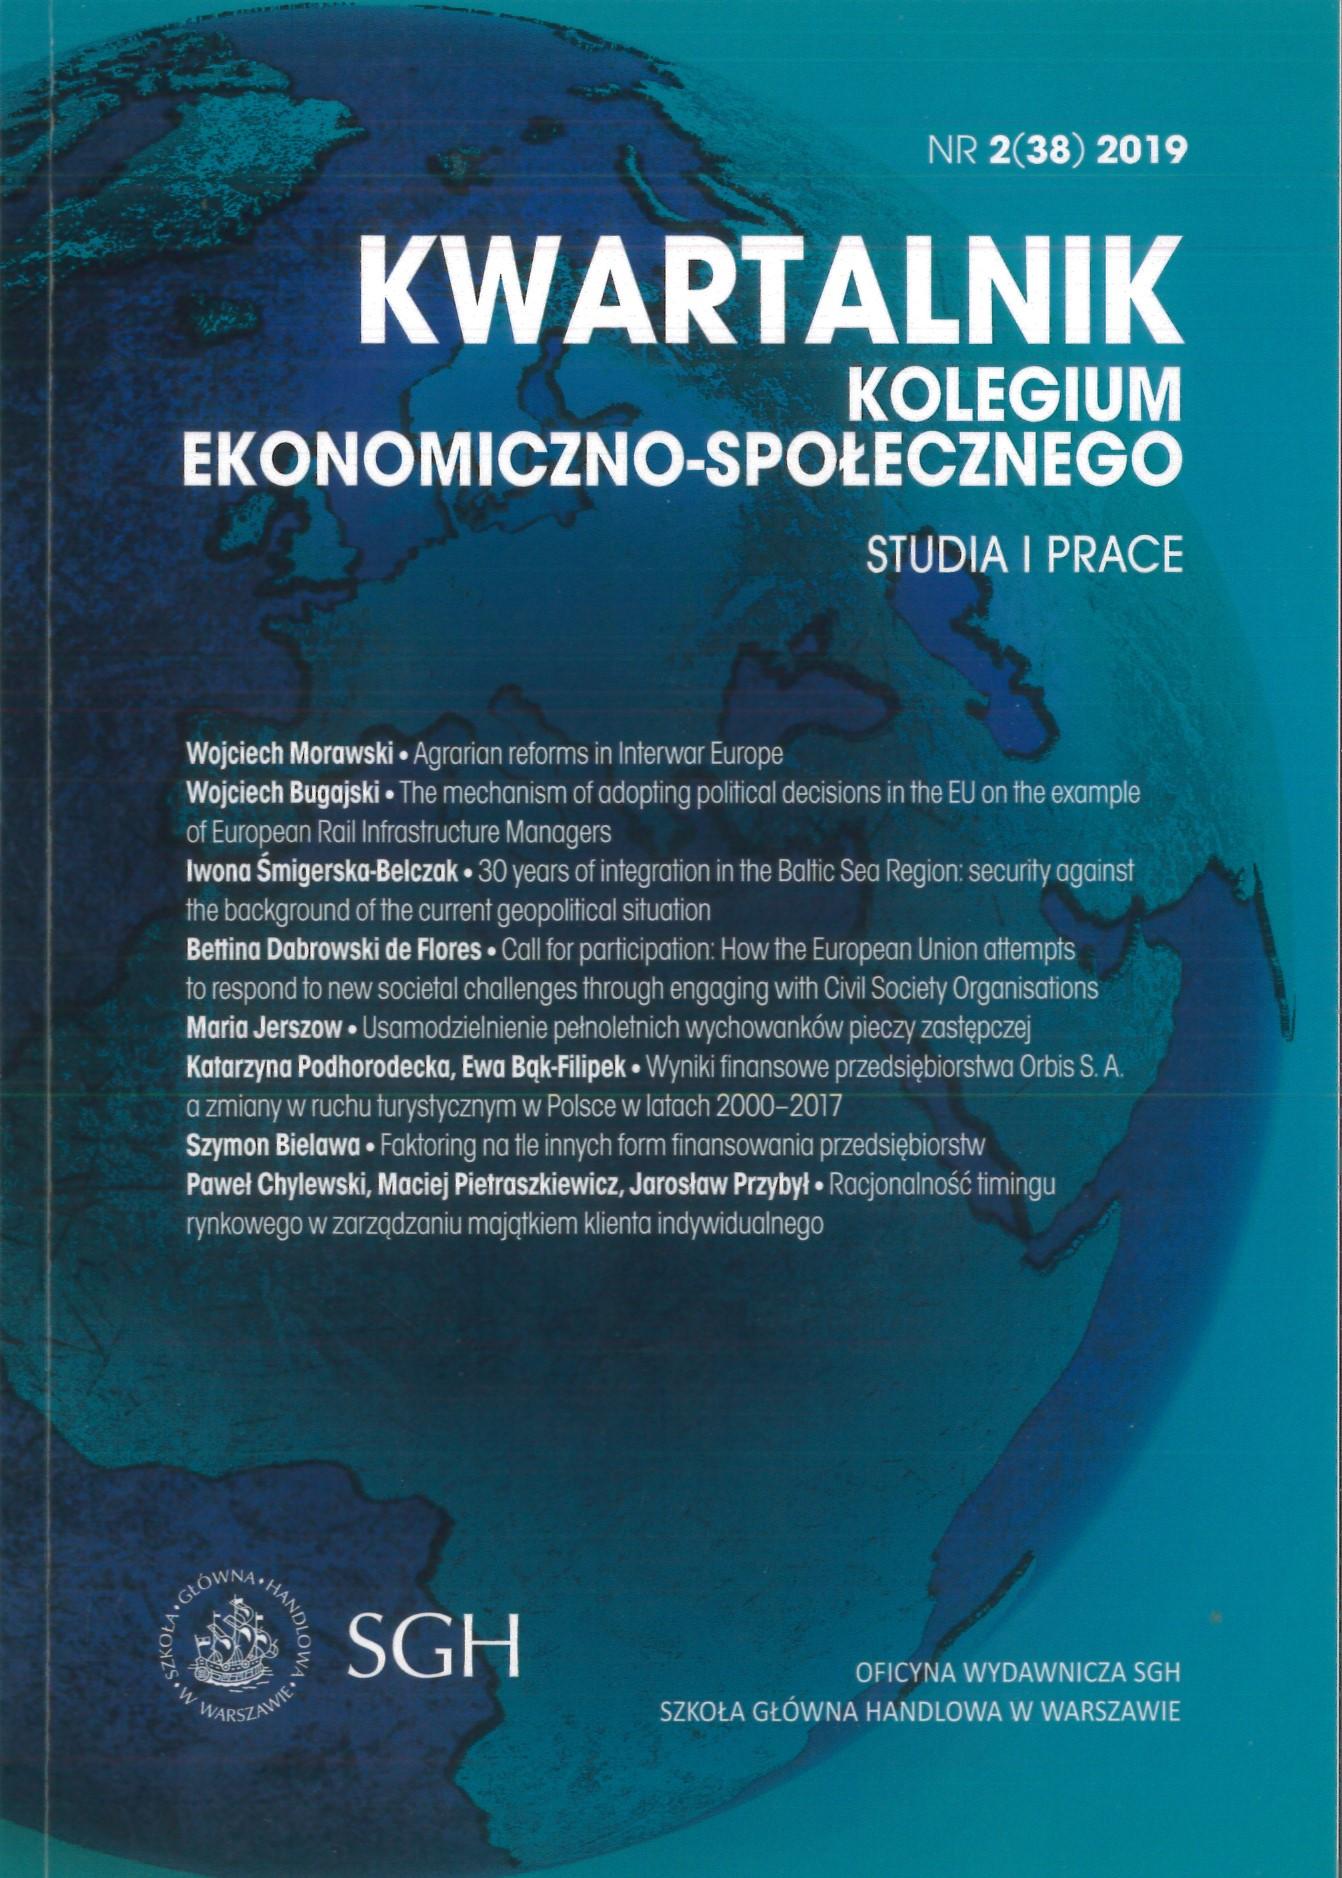 Kwartalnik Kolegium Ekonomiczno–Społecznego. Studia i Prace